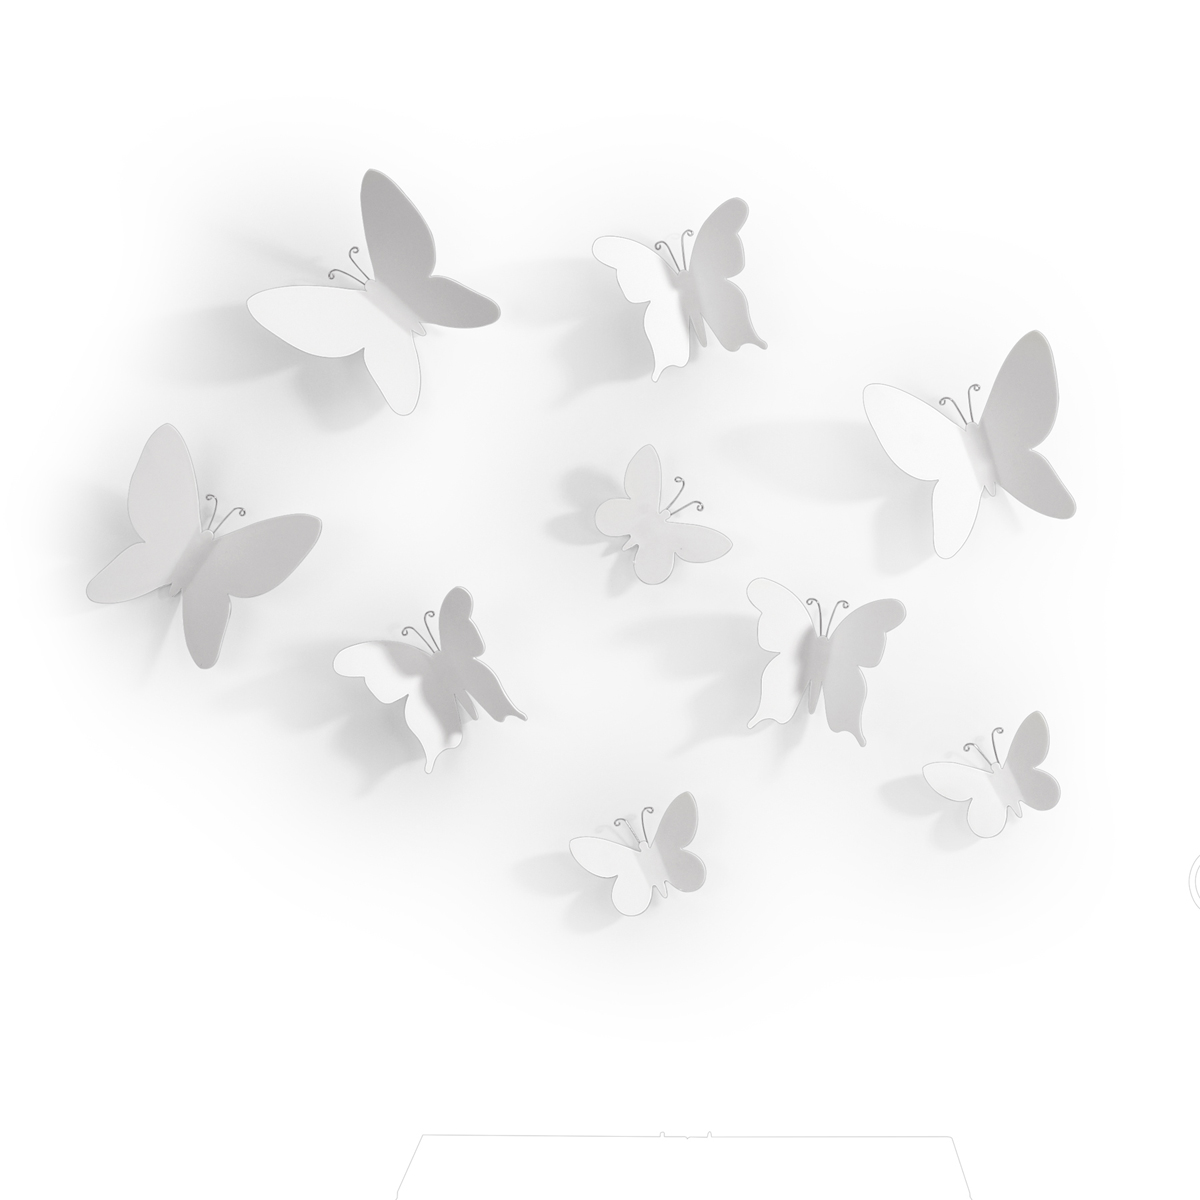 Декоративное украшение Umbra Mariposa, настенное, цвет: белый, 9 шт300164_черный, кошкиДобавьте интерьеру весеннего настроения! Набор из 9 летящих бабочек добавит комнате легкости и превратит любую скучную стену в уникально декорированное пространство. Идеально подойдет для украшения спальни, гостиной или детской комнаты. Крепятся бабочки на специальный двусторонний скотч, который не оставляет следов на стене (идет в комплекте).Три размера: от самой маленькой бабочки 5 х 6 х 1 см до 9 х 10 х 3 см.